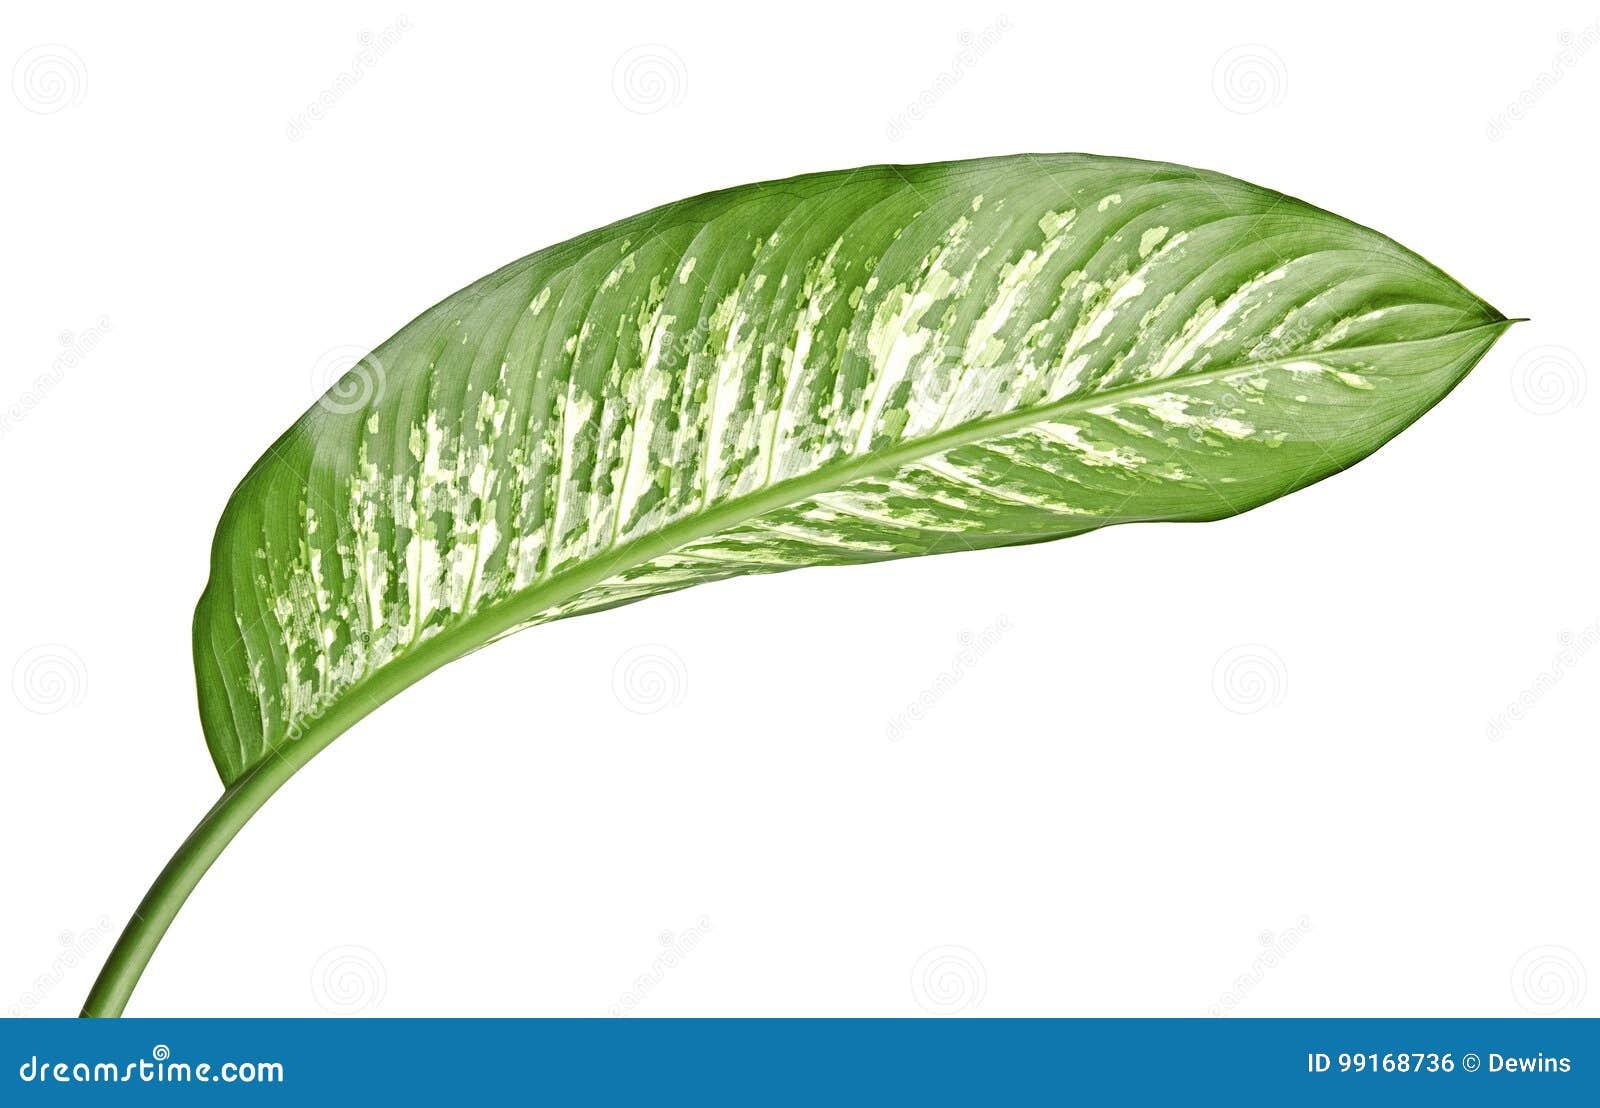 Άλαλος κάλαμος φύλλων Dieffenbachia, πράσινα φύλλα που περιέχουν τα άσπρα σημεία και κηλίδες, τροπικό φύλλωμα που απομονώνεται στ